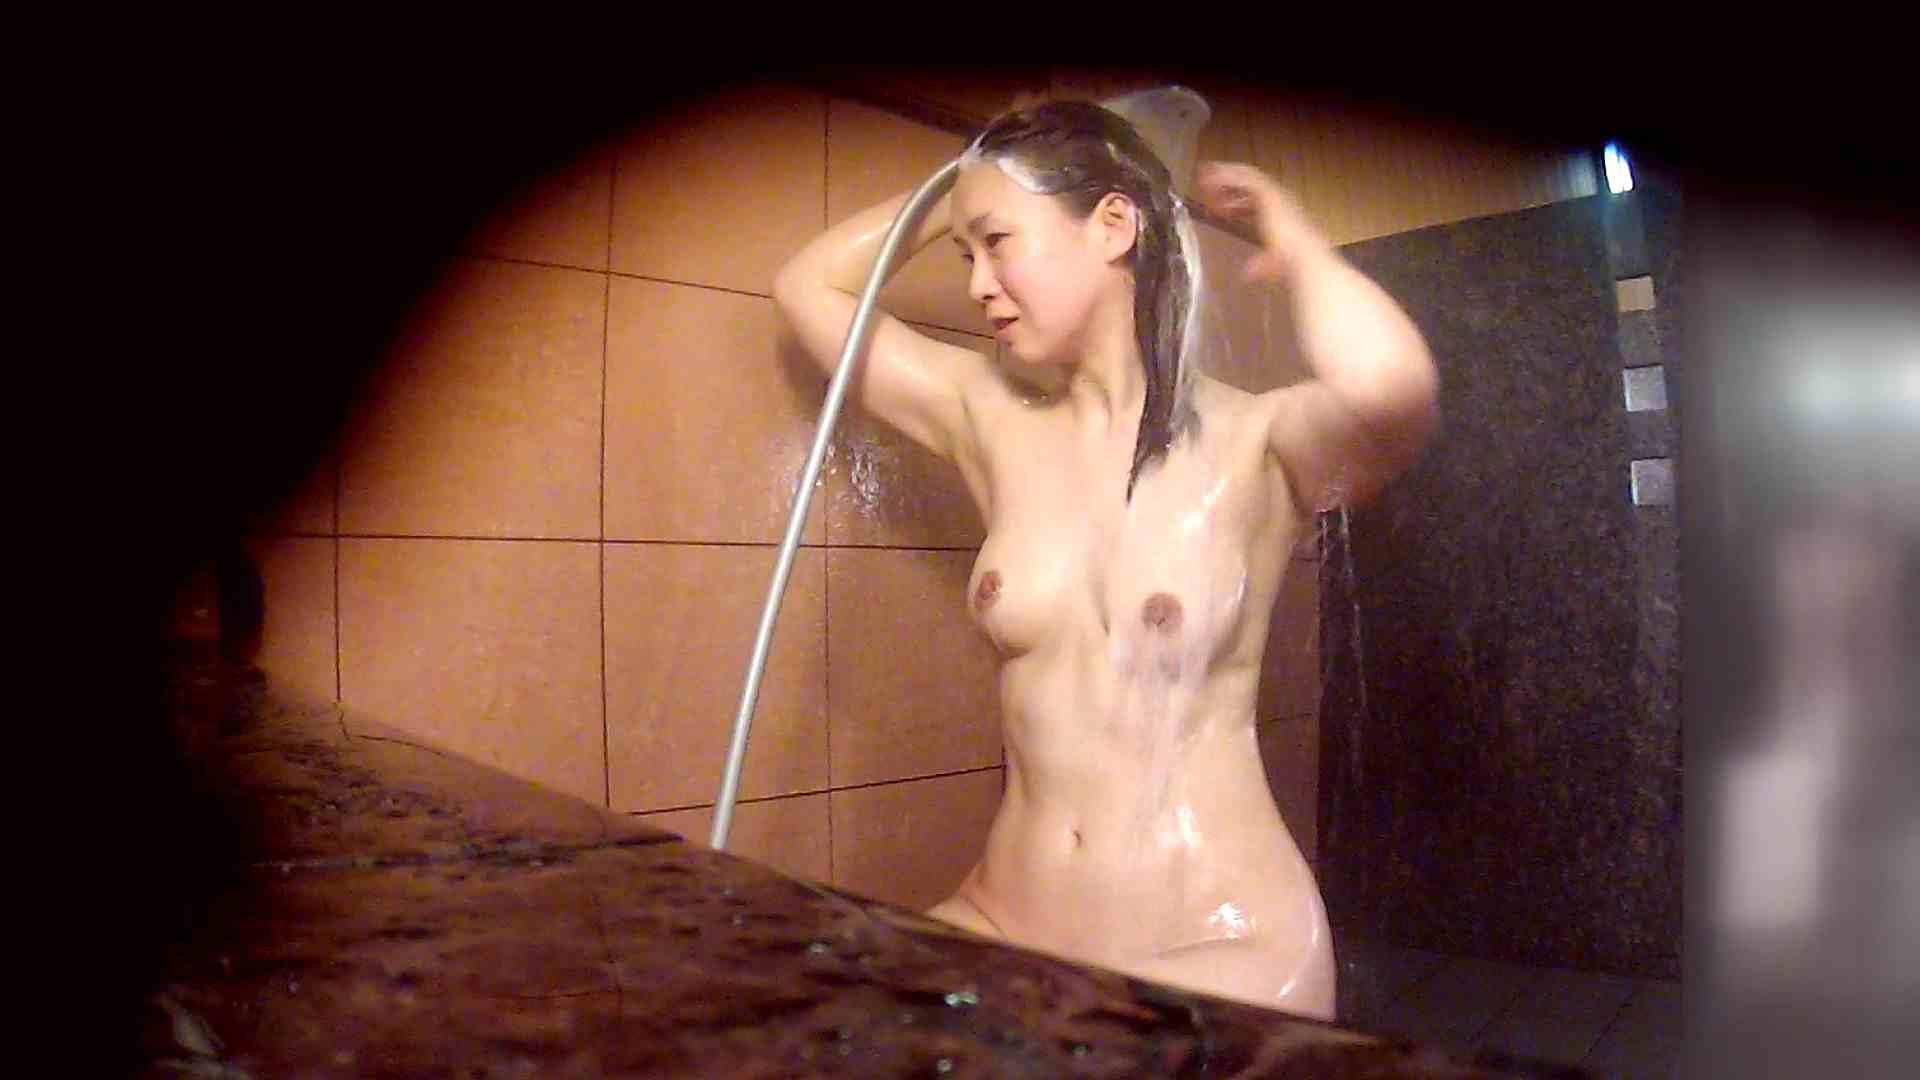 洗い場!マッスルお嬢さん!でもオッパイだけは柔らかそうです。 女湯のぞき 性交動画流出 76枚 32